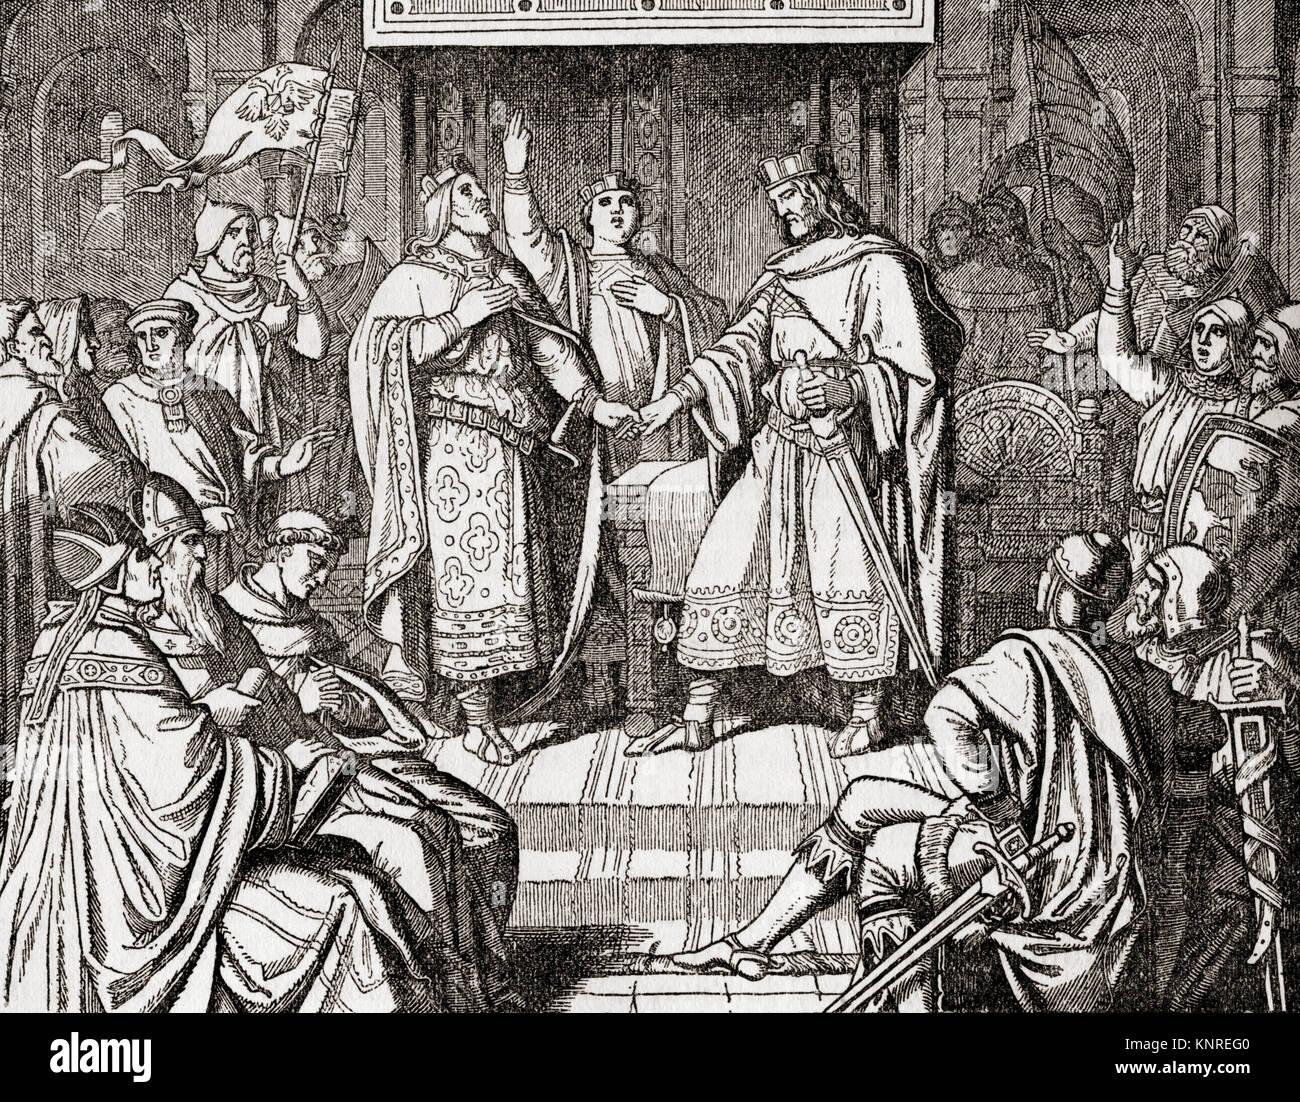 Il trattato di Verdun, firmato nel mese di agosto 843 da Lothair I, Louis il tedesco e Carlo il Calvo. Prima dei Immagini Stock